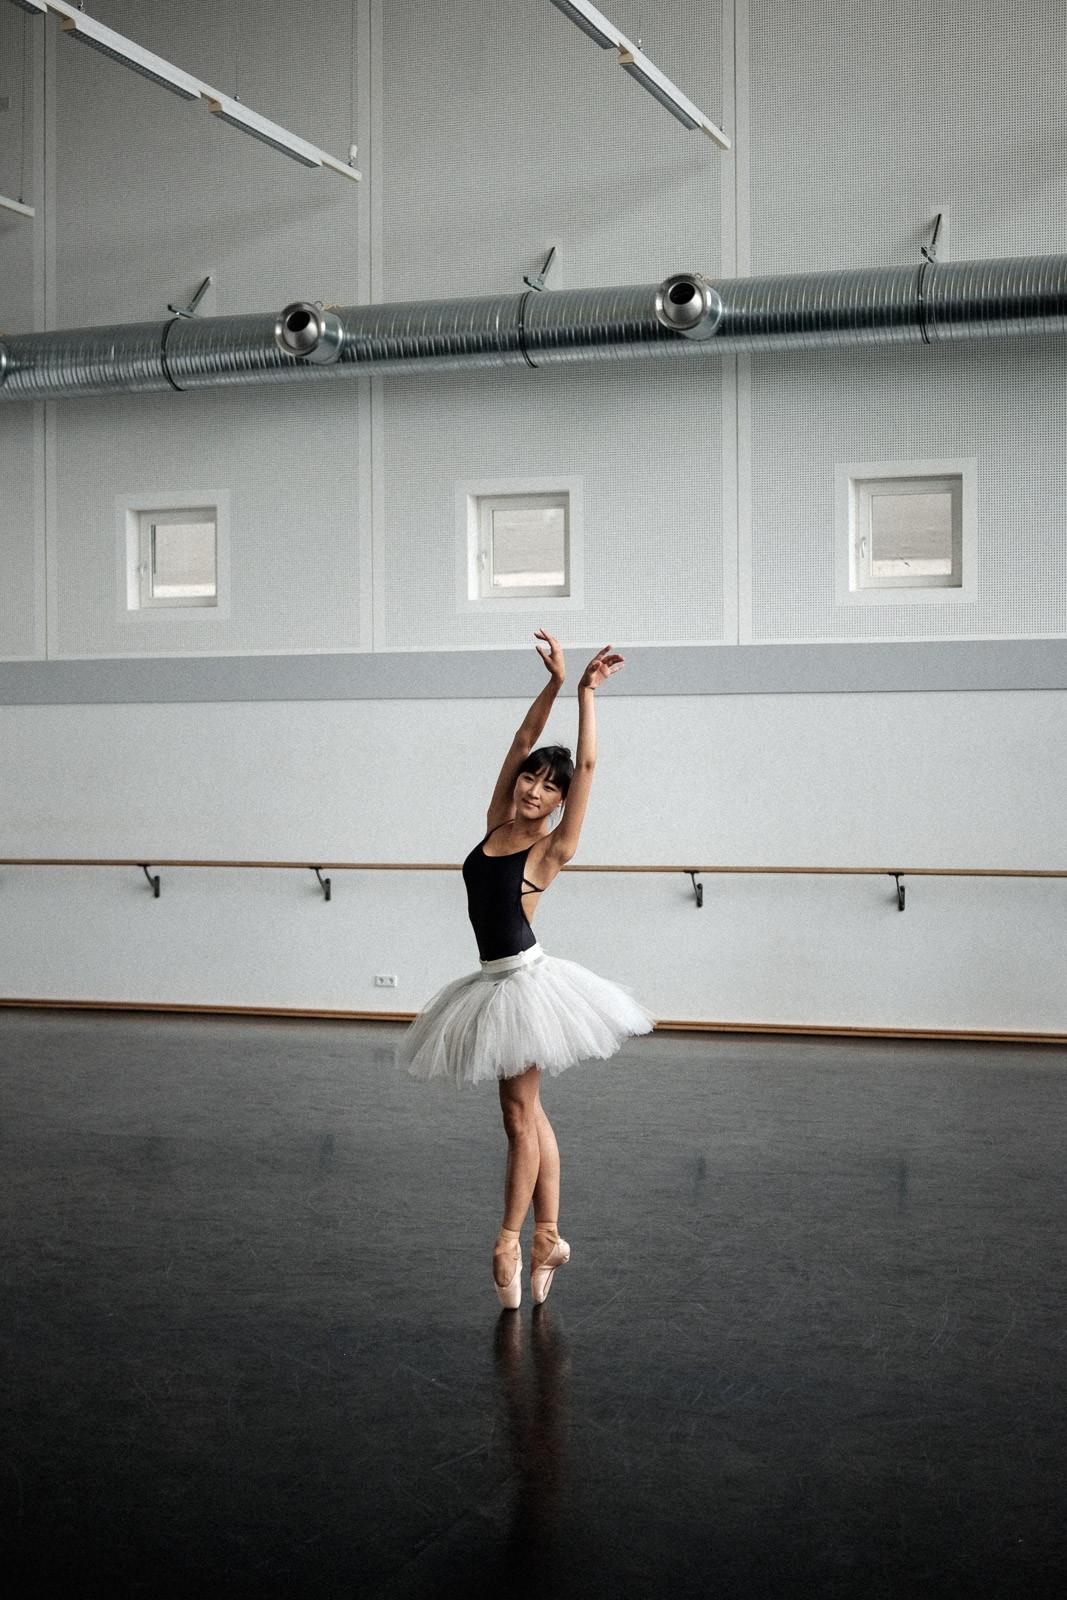 backstage-ballet-03.jpg